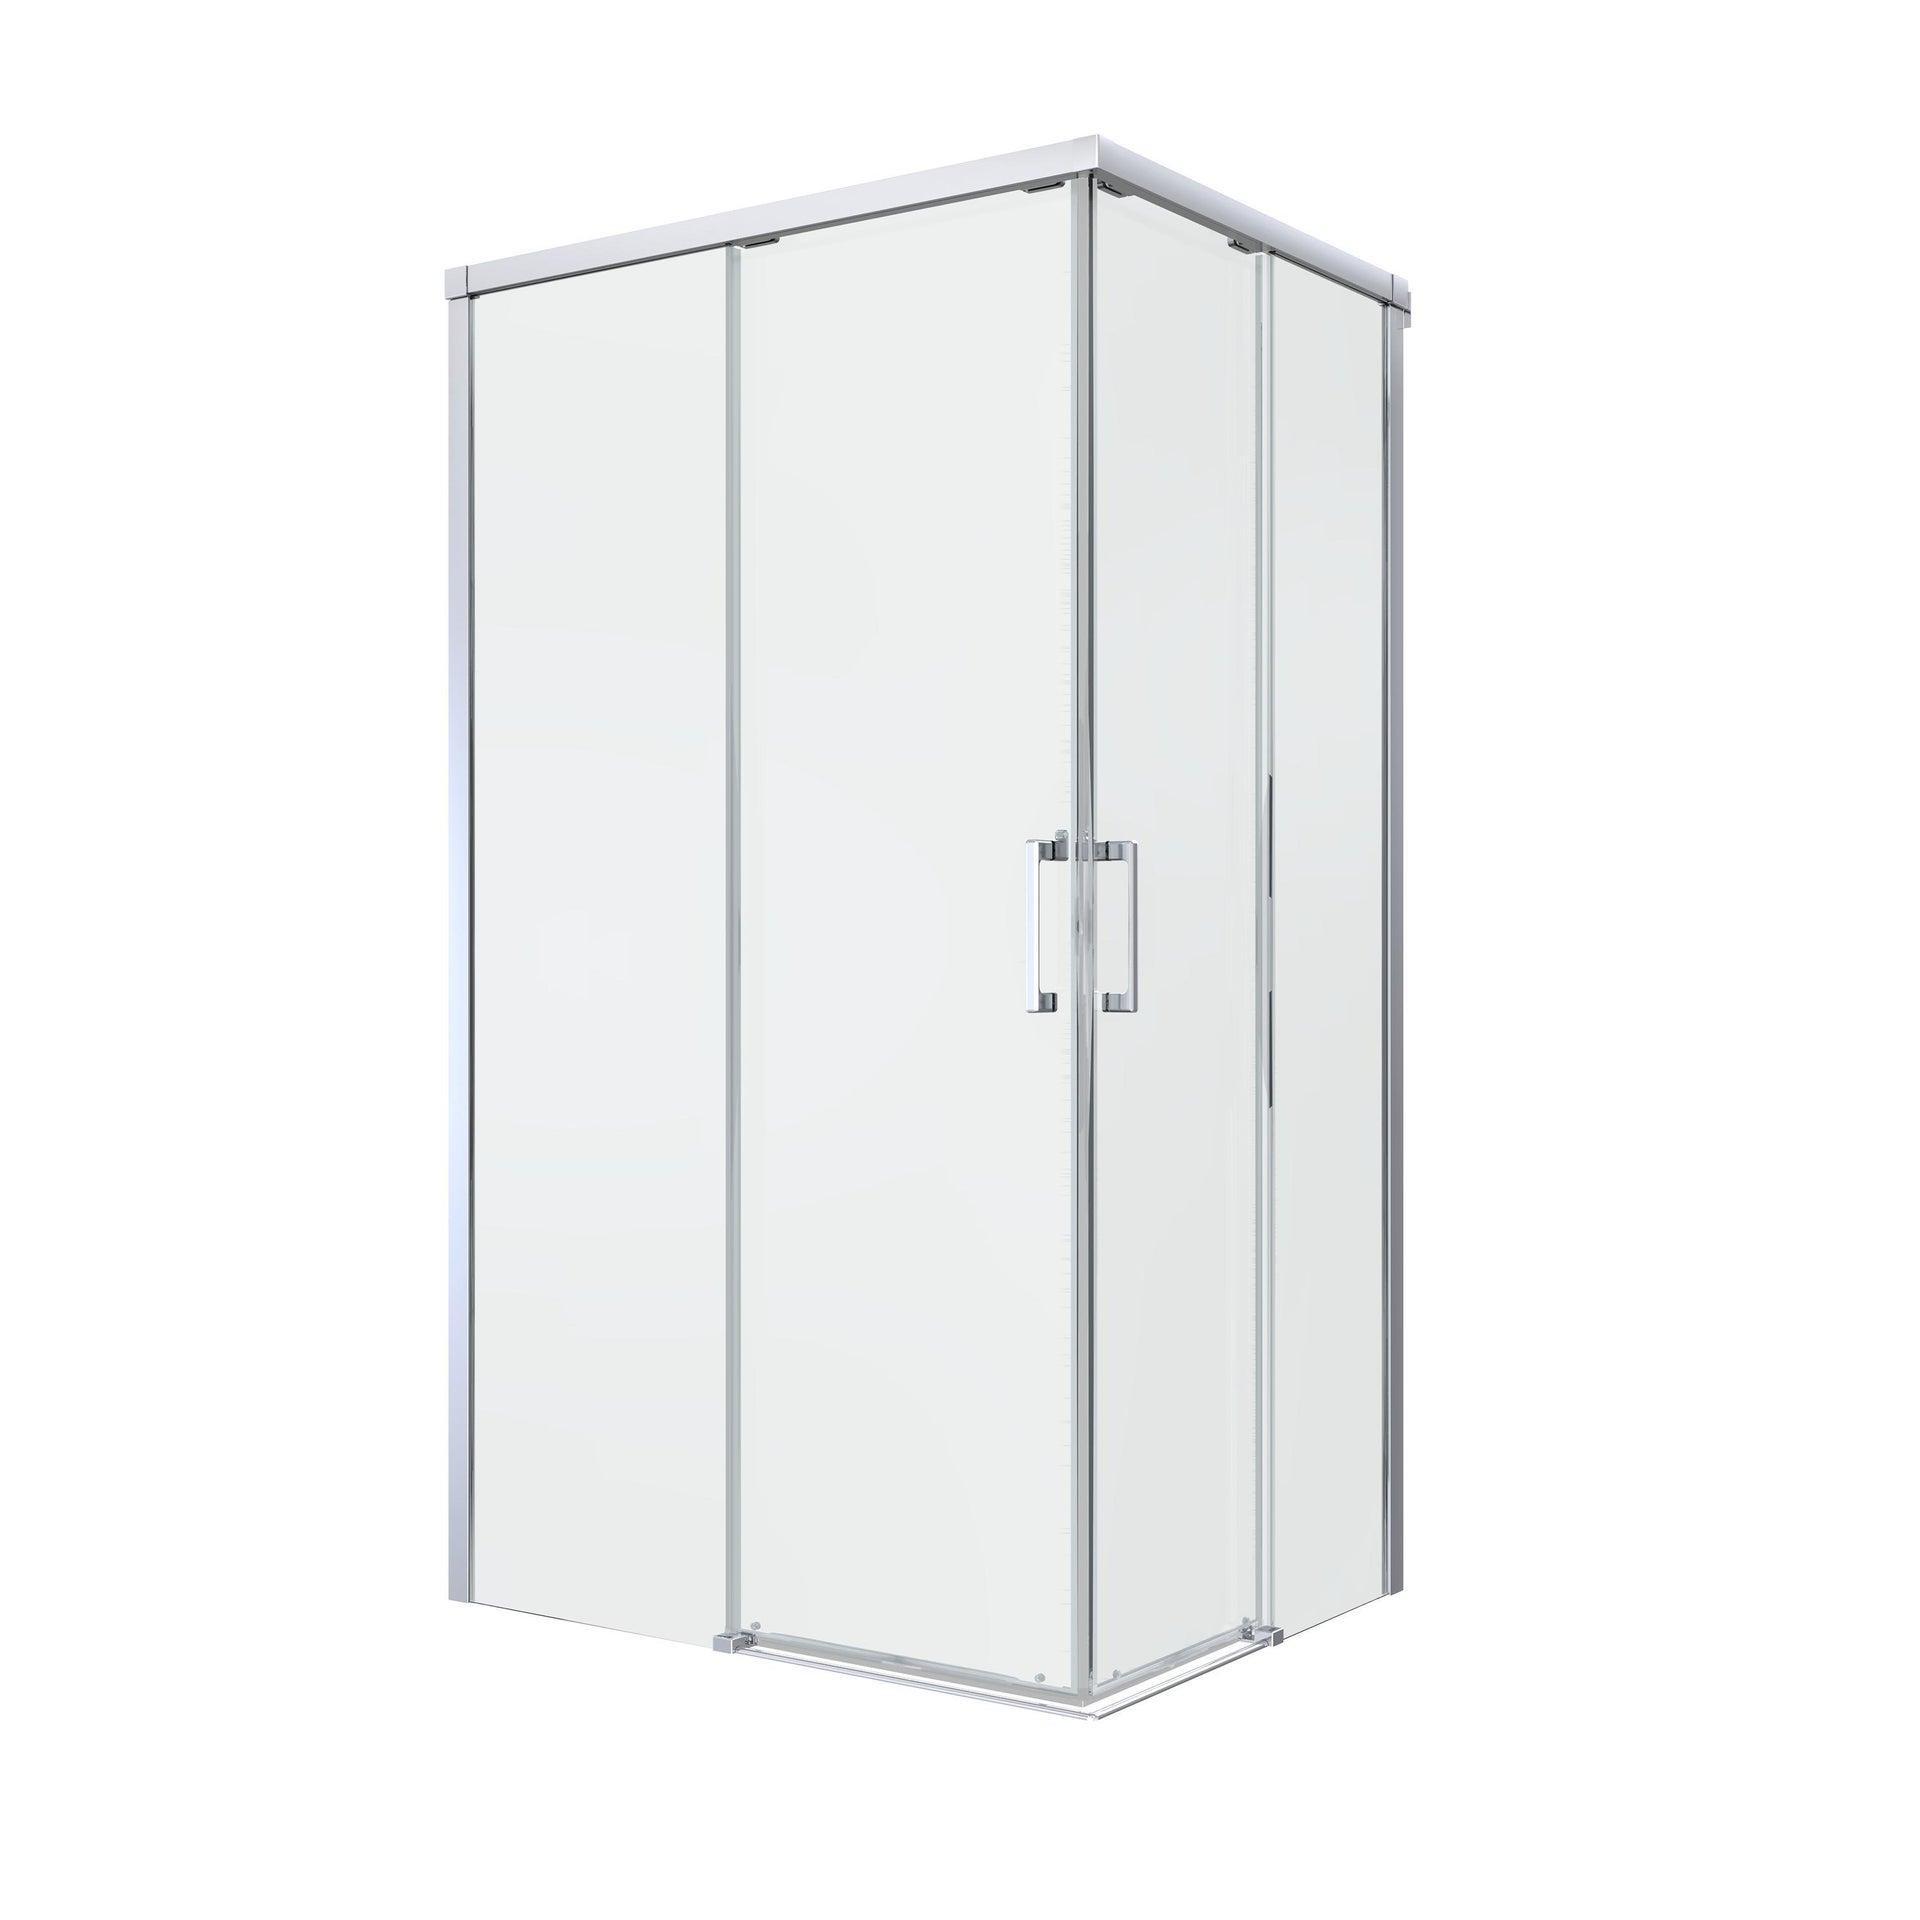 Box doccia rettangolare scorrevole Remix 80 x 120 cm, H 195 cm in vetro temprato, spessore 6 mm trasparente cromato - 5